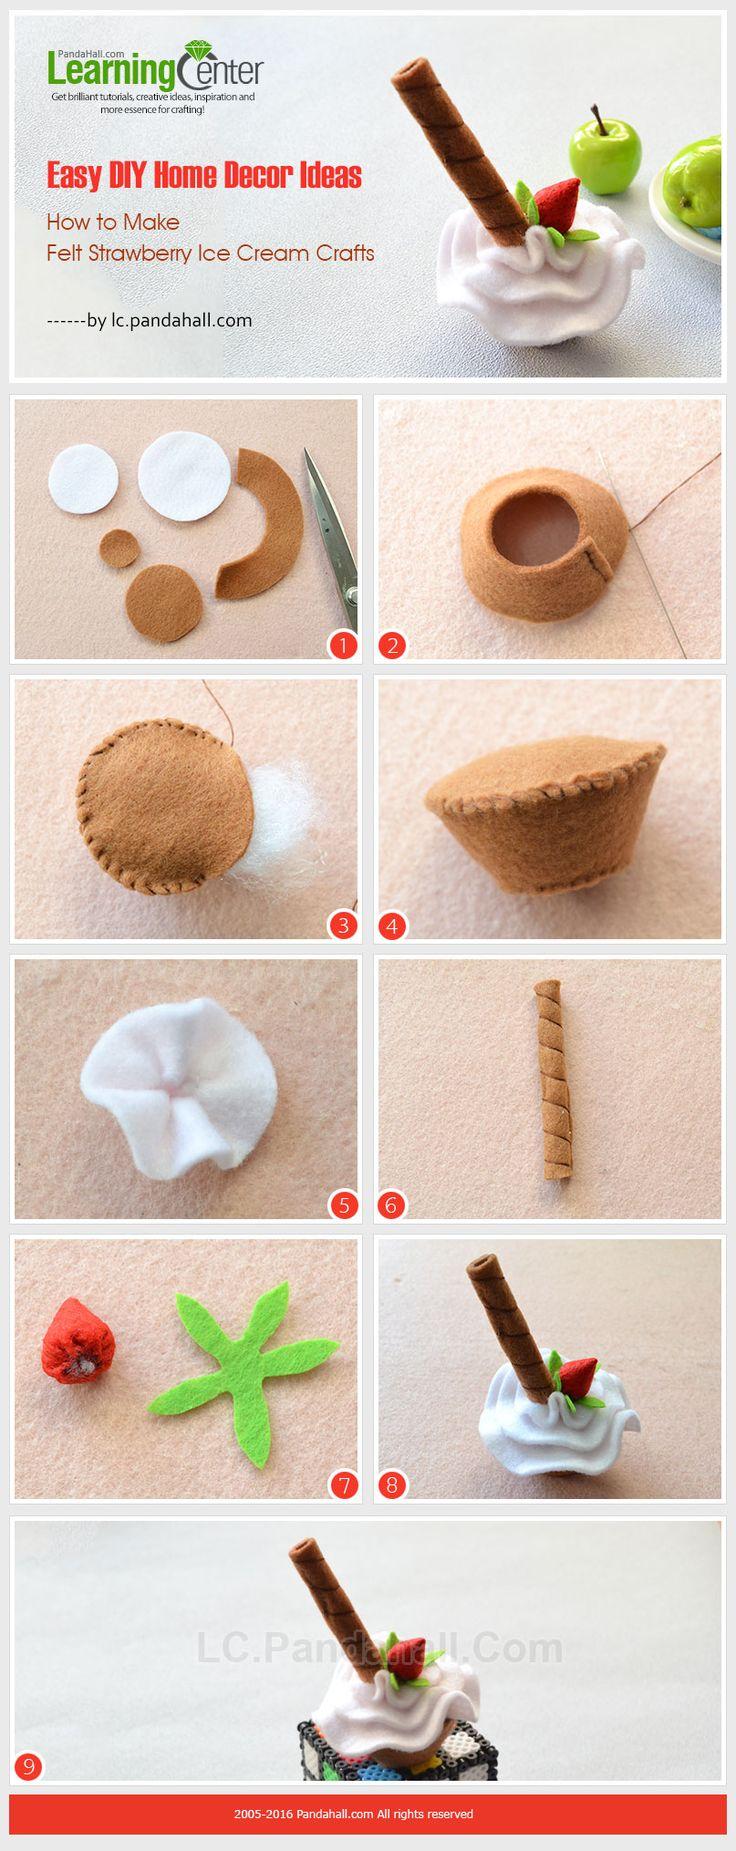 Easy DIY Home Decor Ideas - How to Make Felt Strawberry Ice Cream Crafts from LC.Pandahall.com